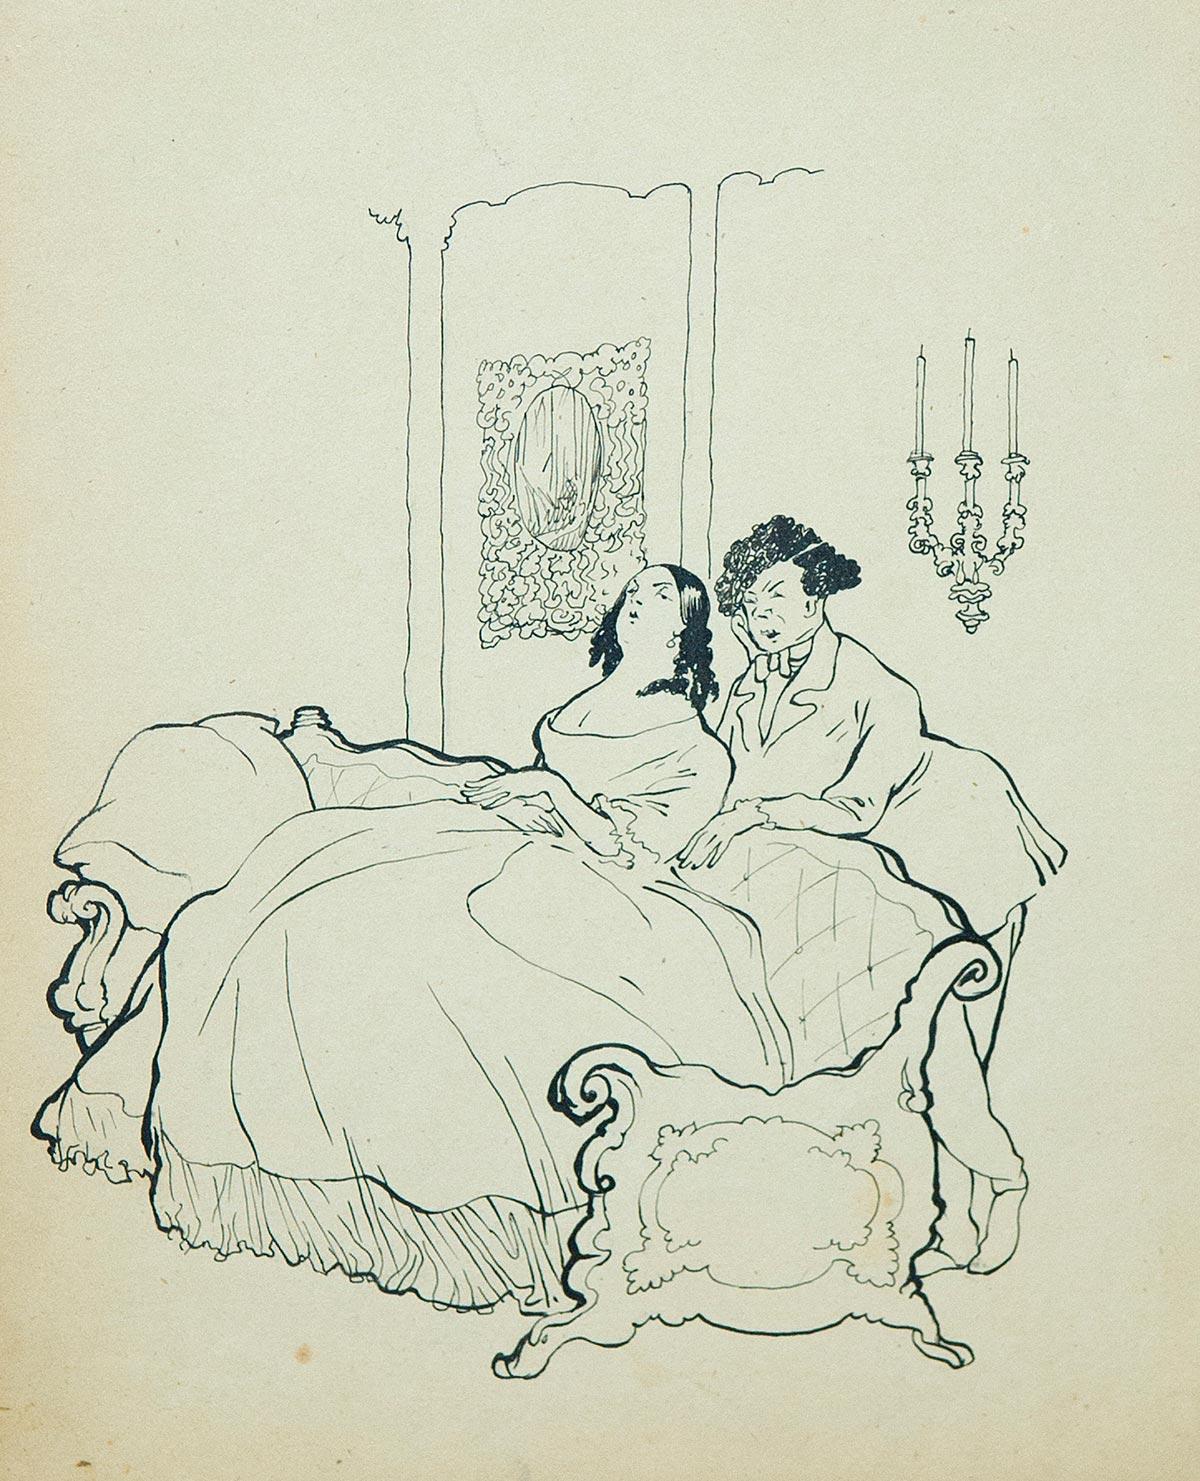 В гостиной. Иллюстрация к рассказу М. Твена